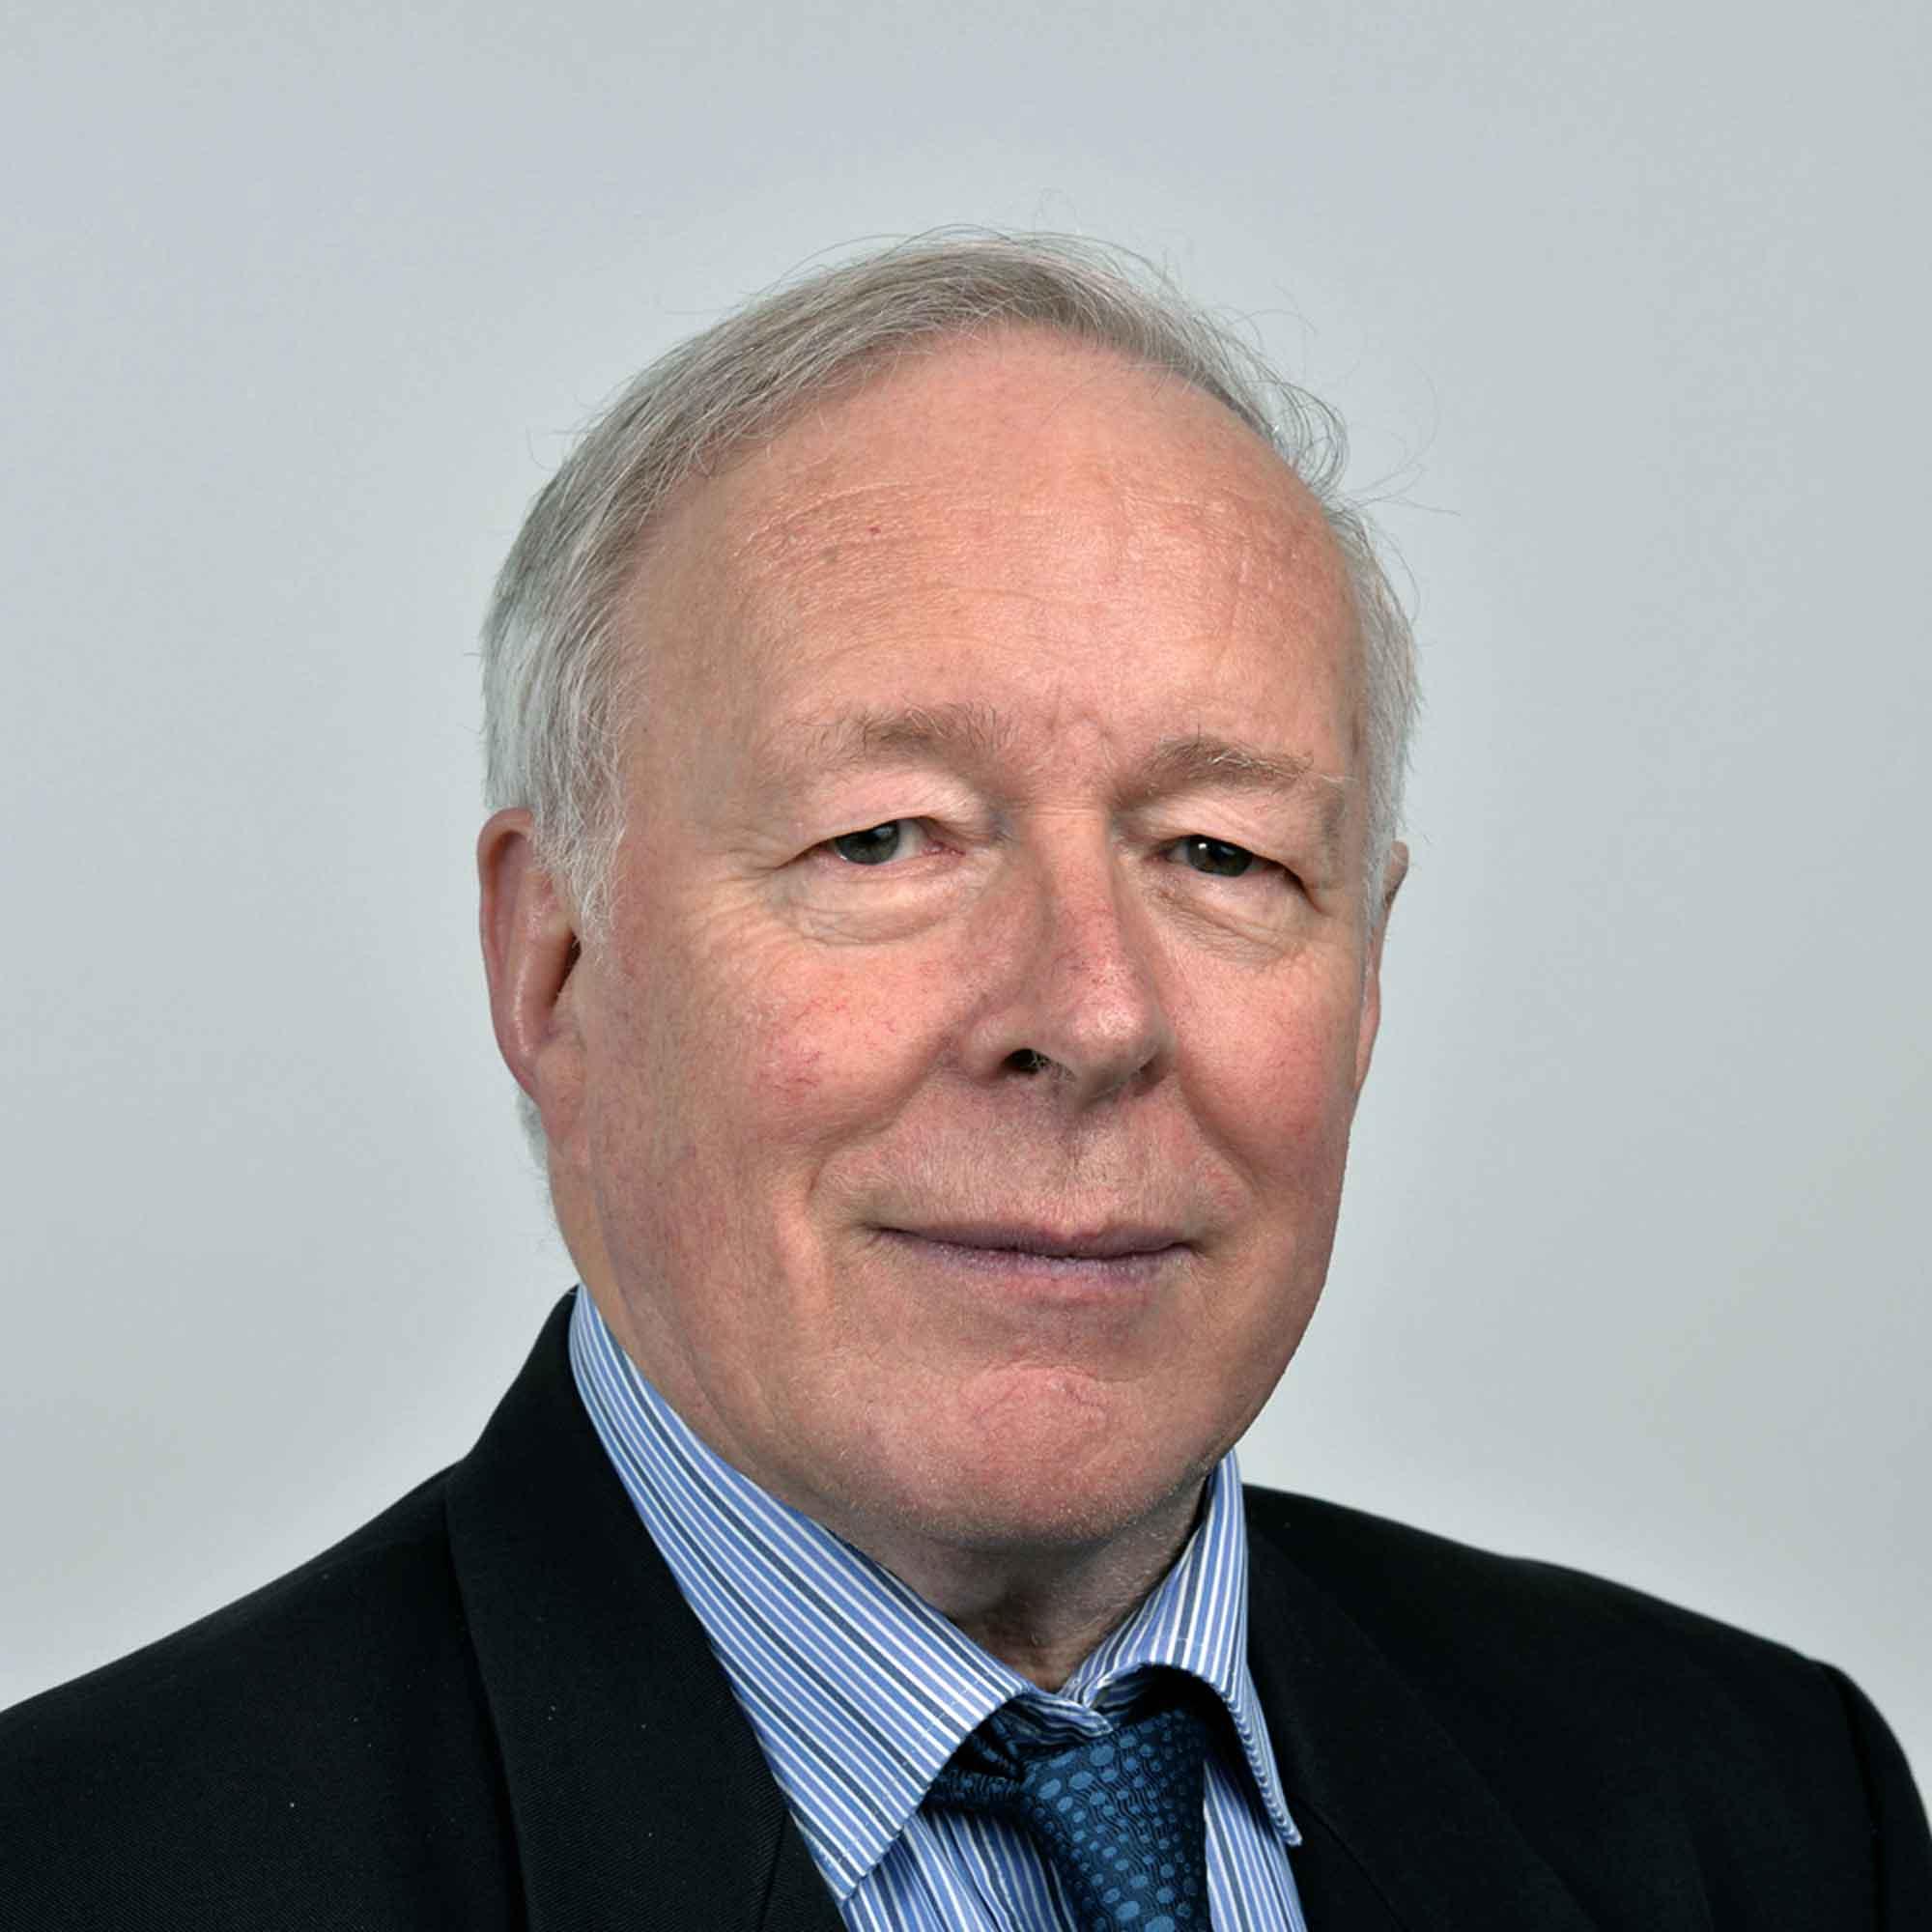 David Gillam